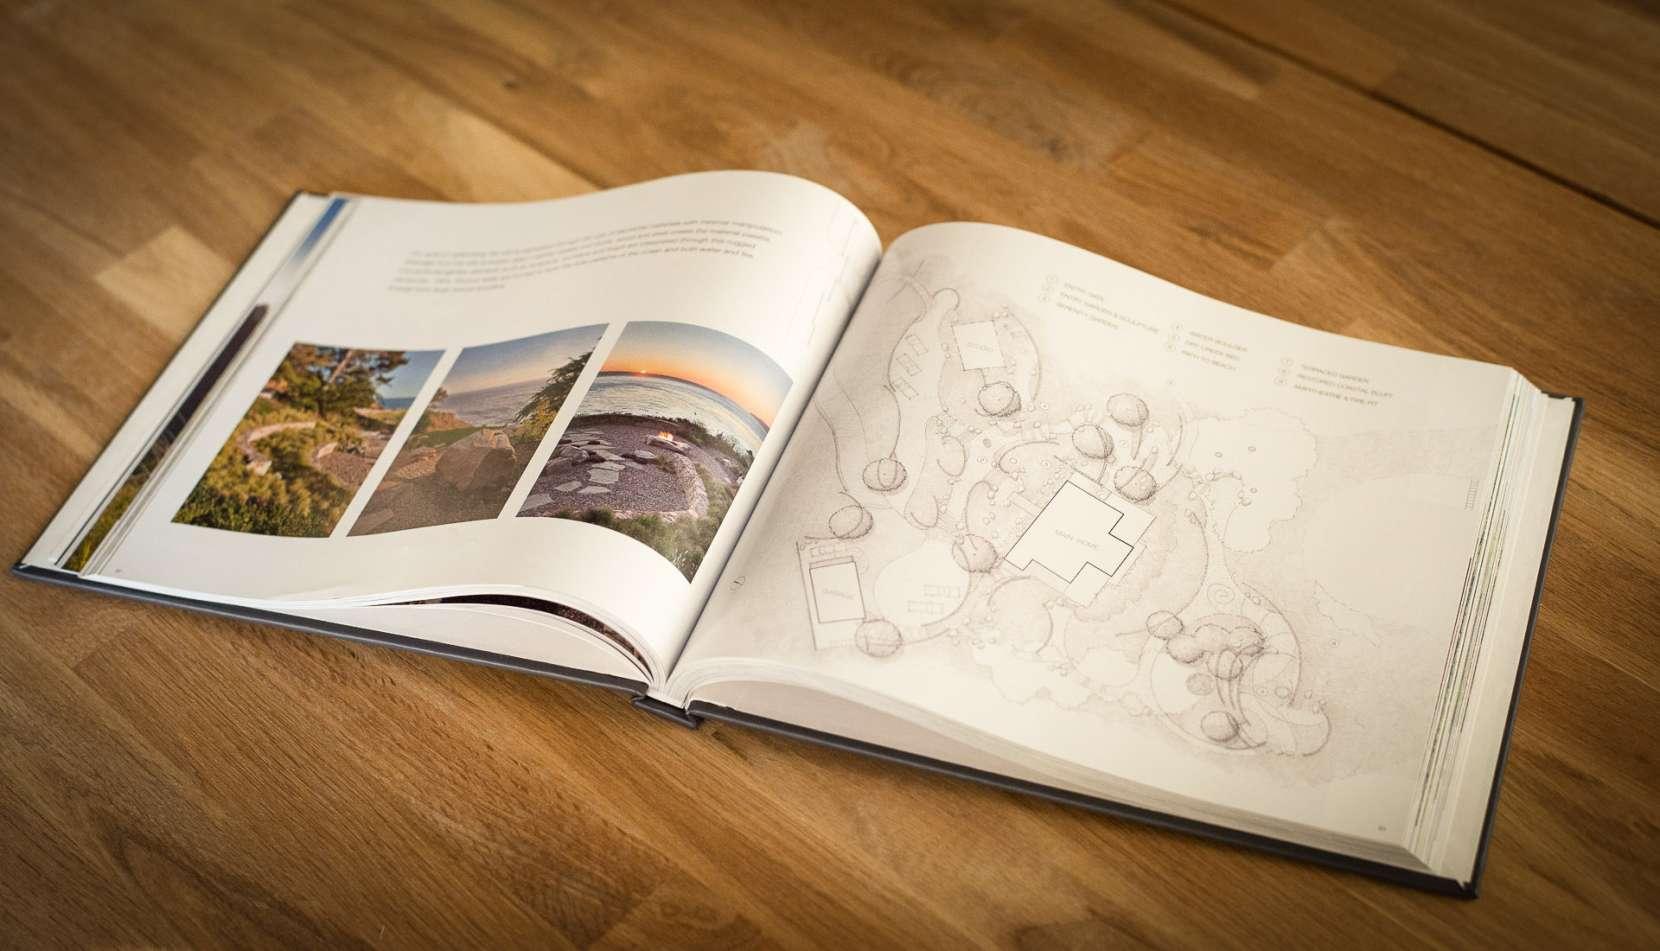 bta-book-6403-1660x951.jpg